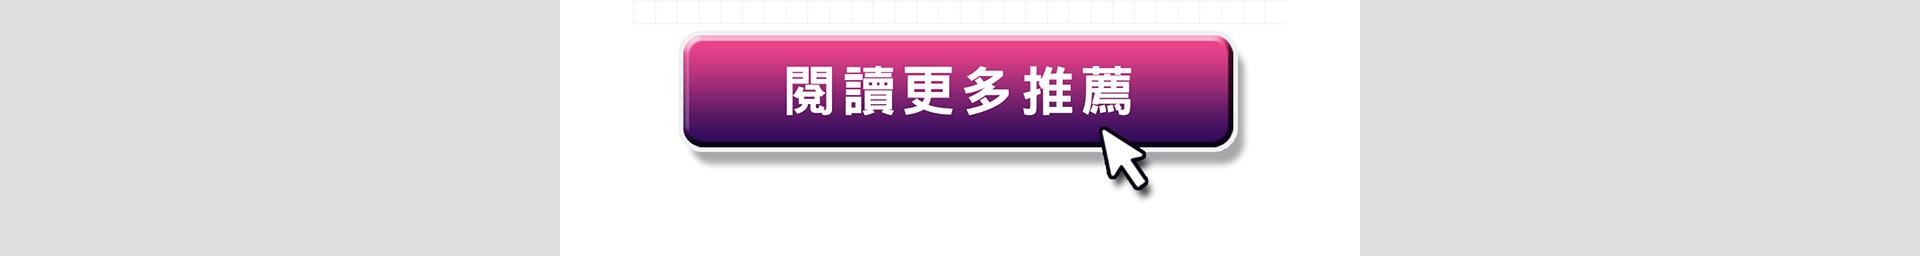 f101_14周年慶-Mobile版_20191104_V4_pc_20